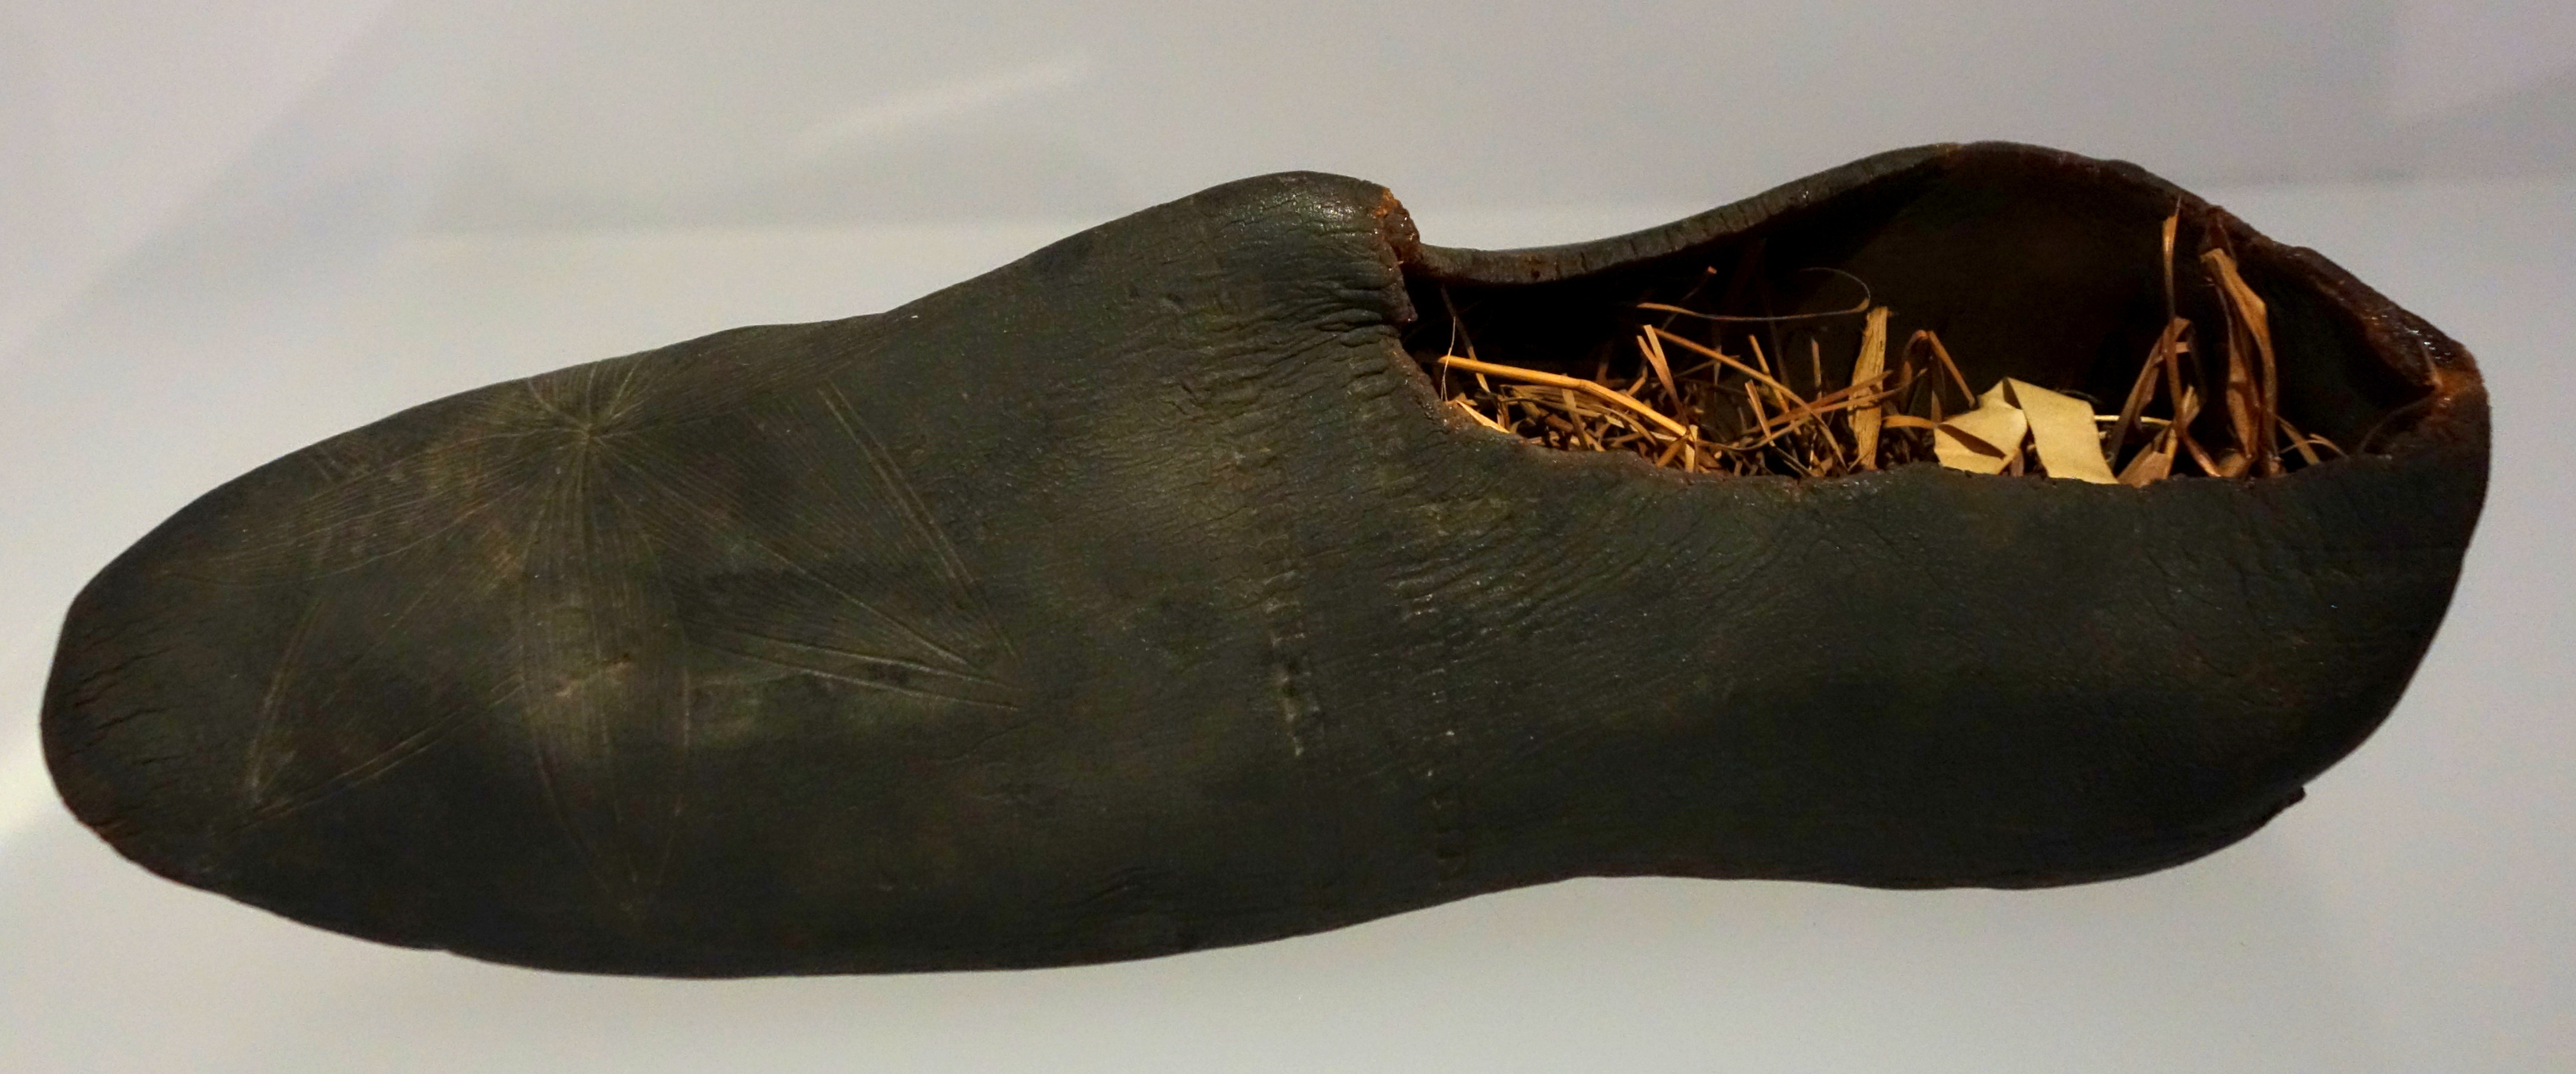 Rubber Shoes For Women Murdocks